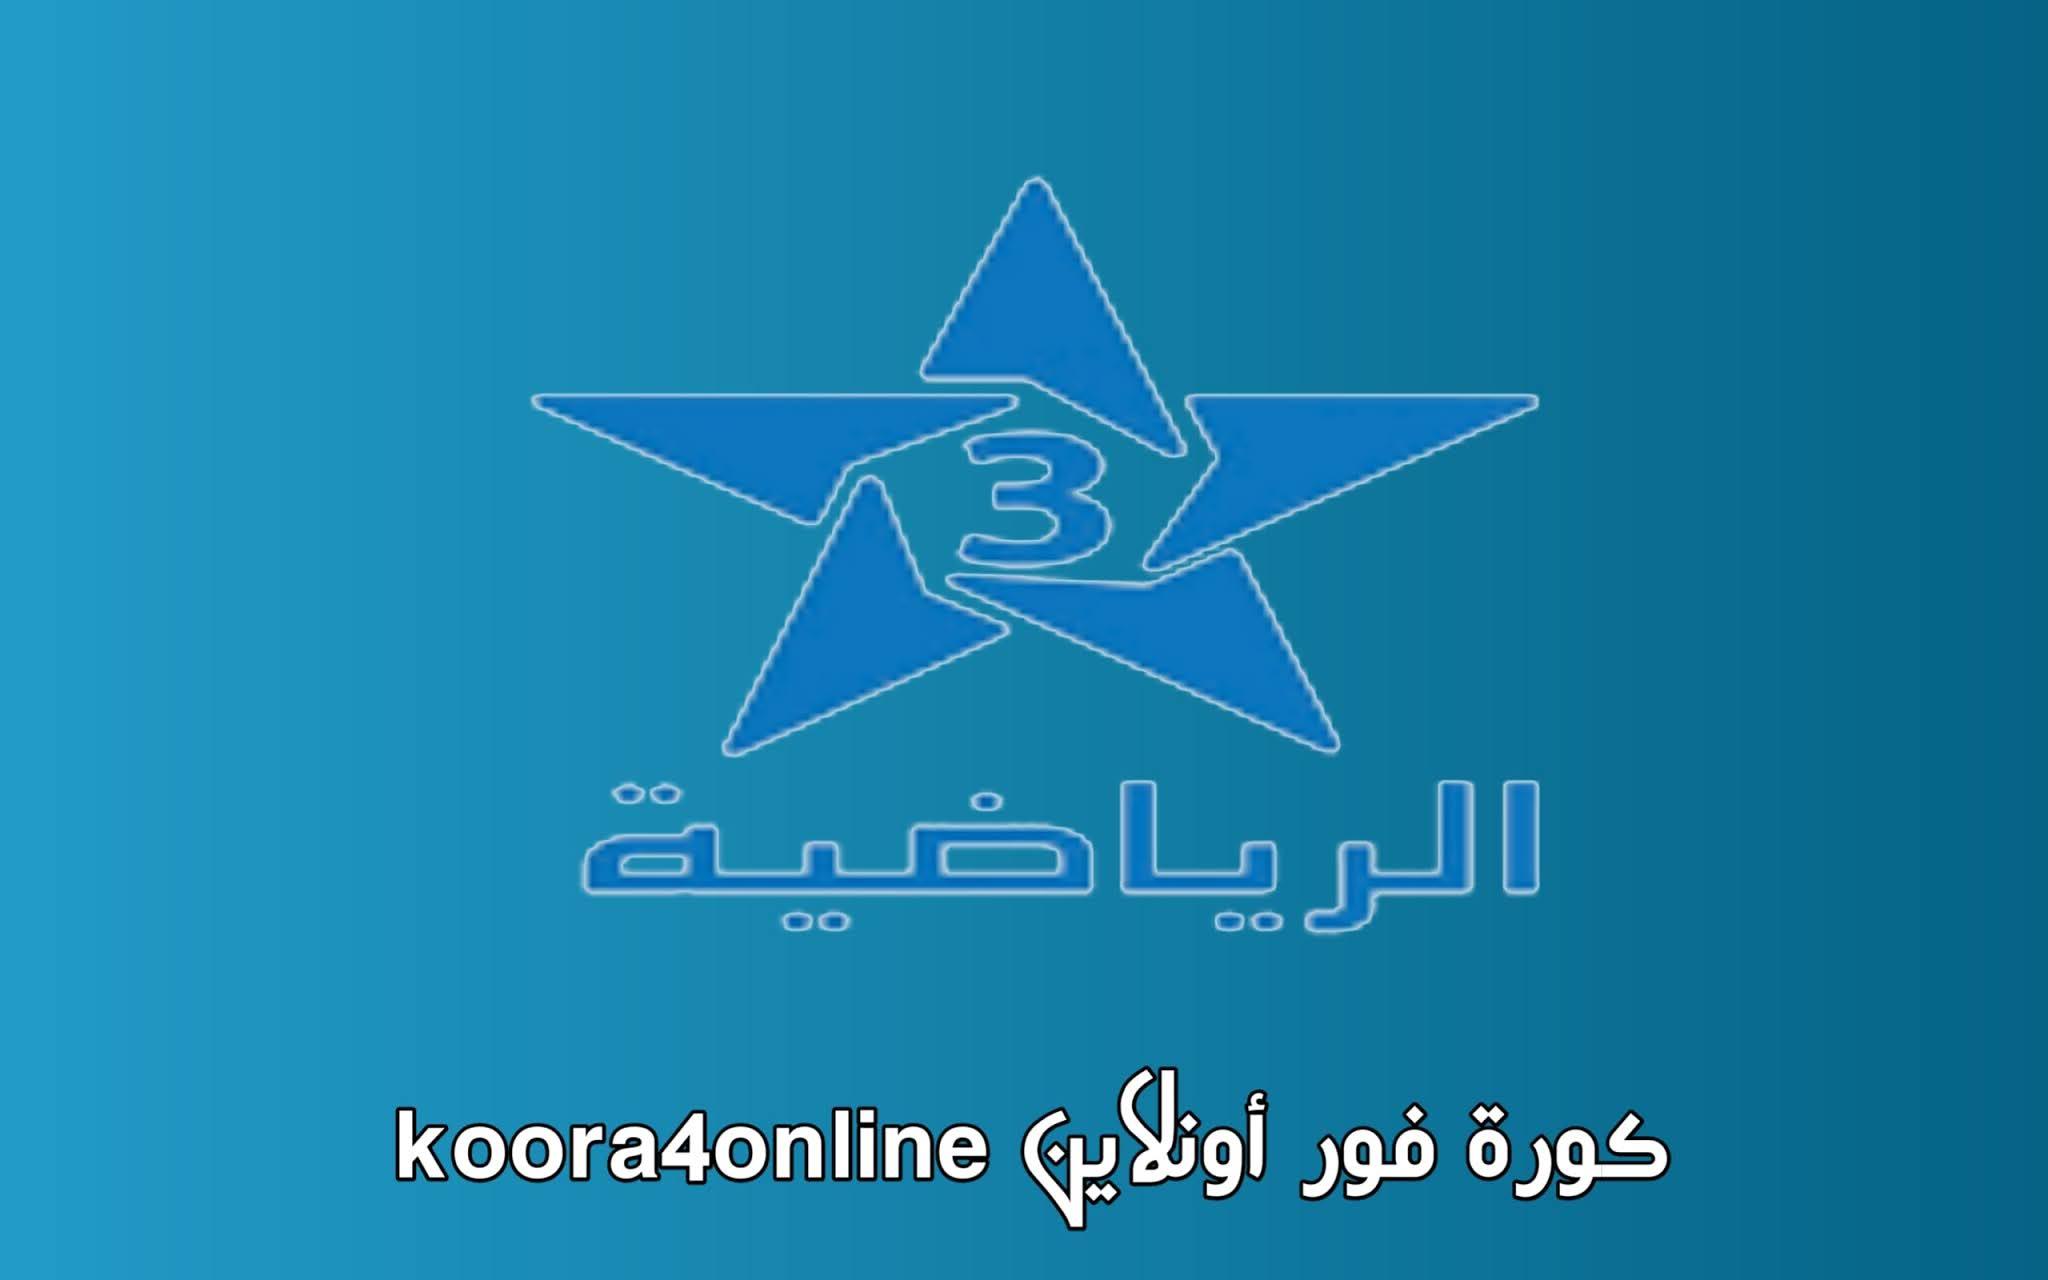 مشاهدة قناة المغربية الرياضية 3  مجانا | Arriadia sports 3 hd